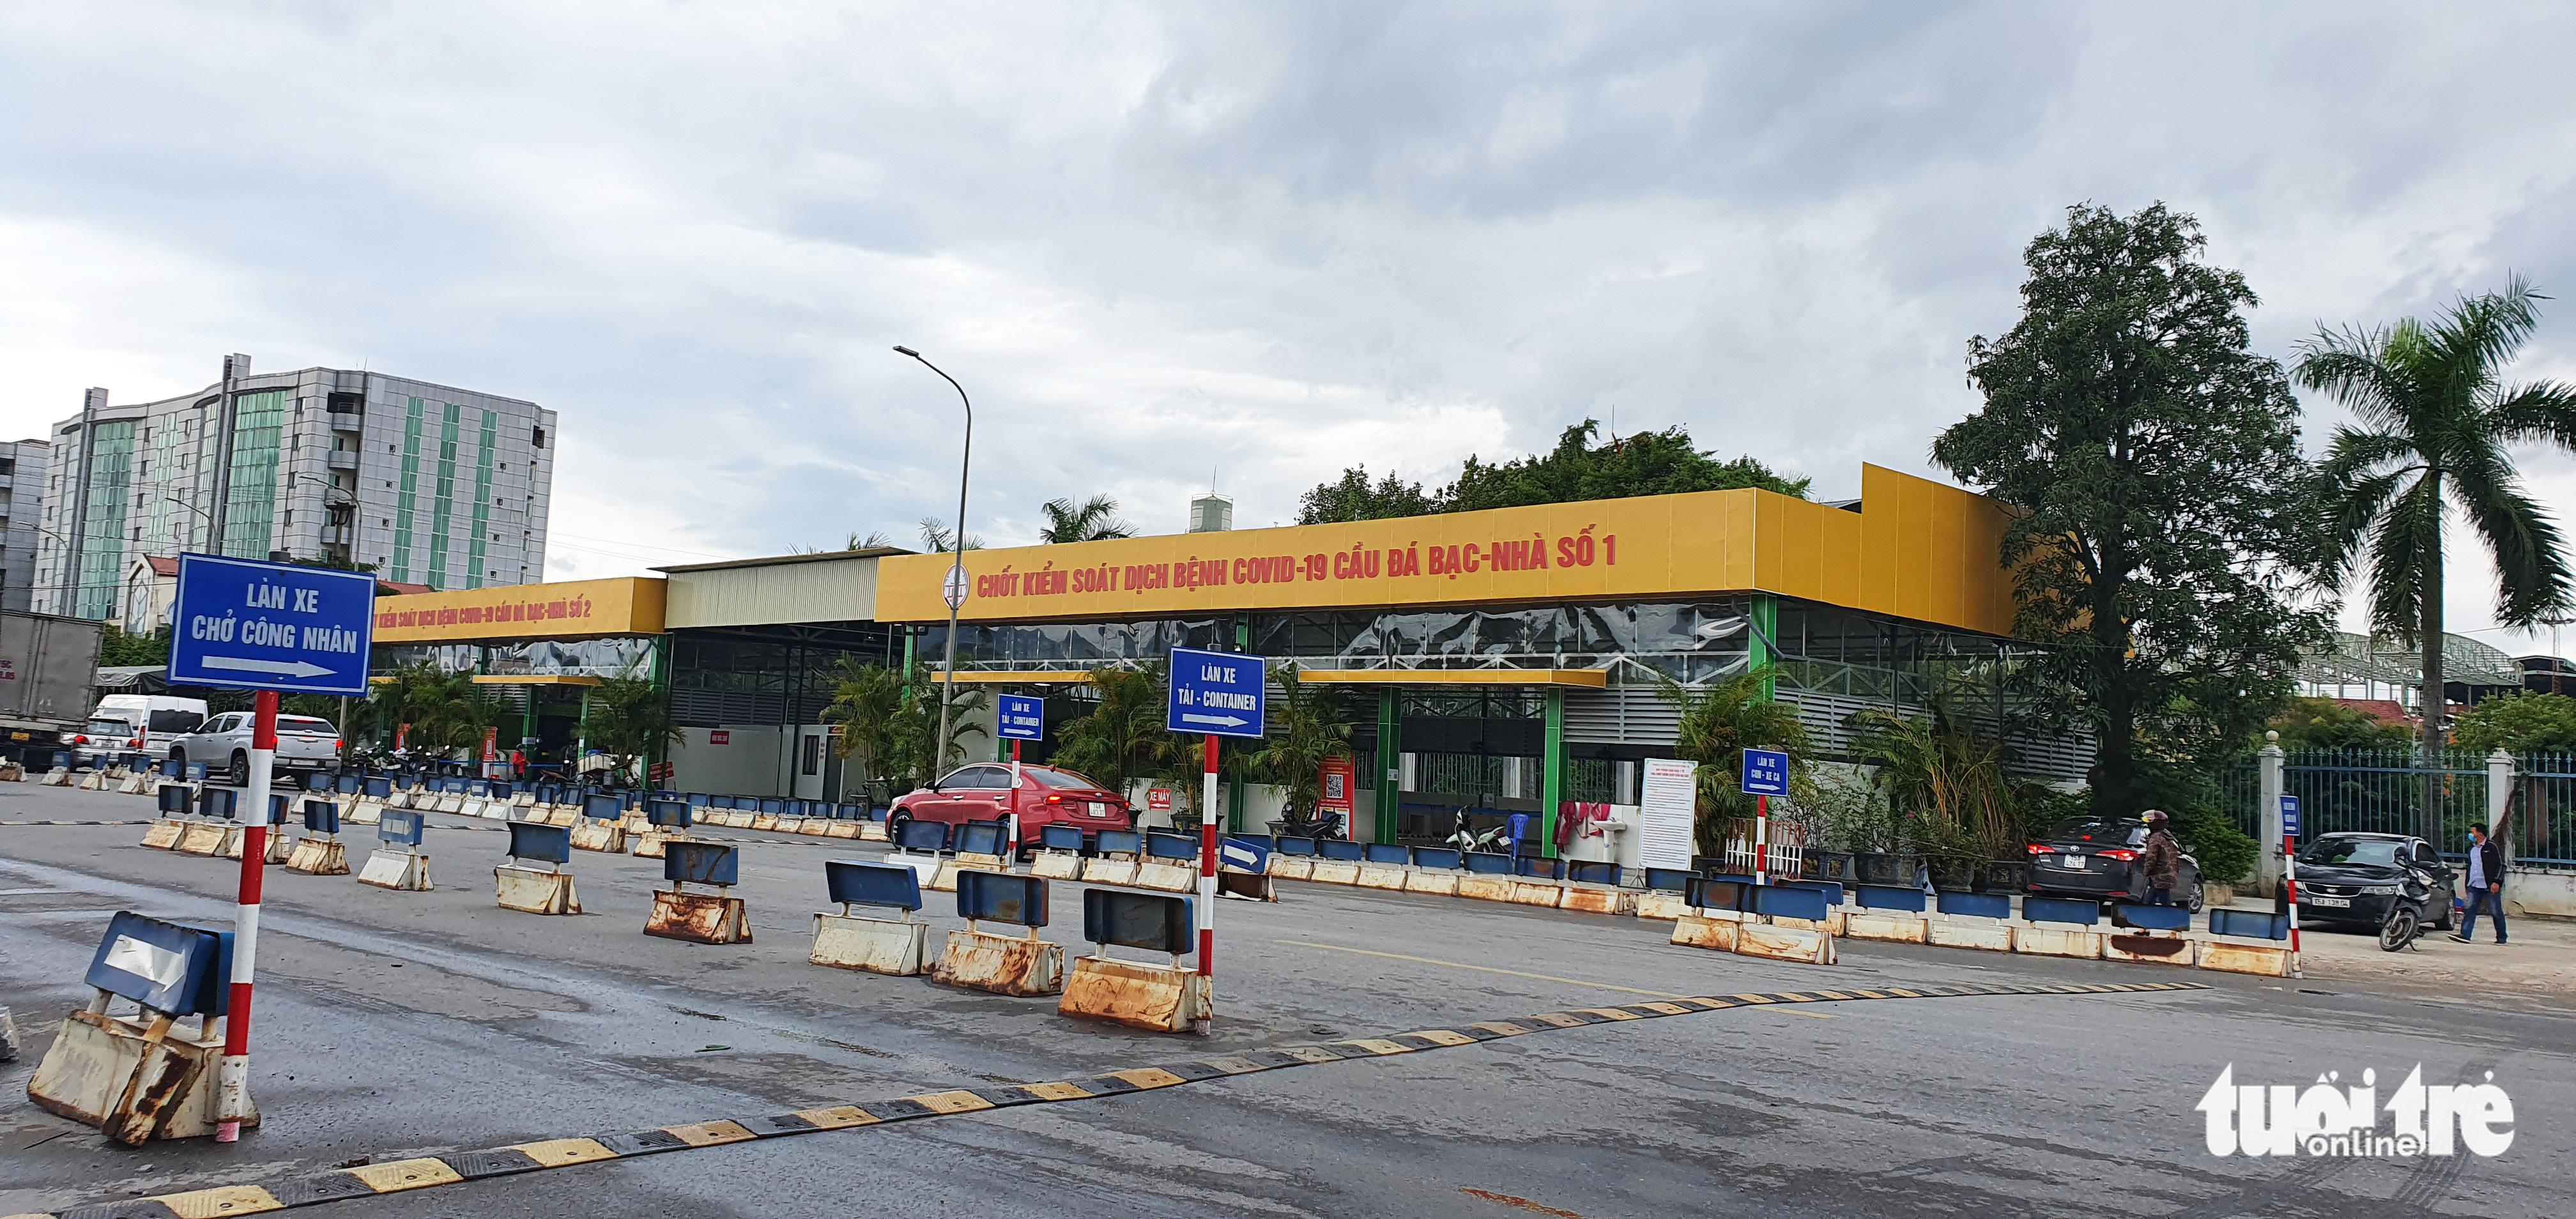 Hải Phòng, Quảng Ninh hướng dẫn tạm thời việc kiểm soát người ra, vào - Ảnh 1.